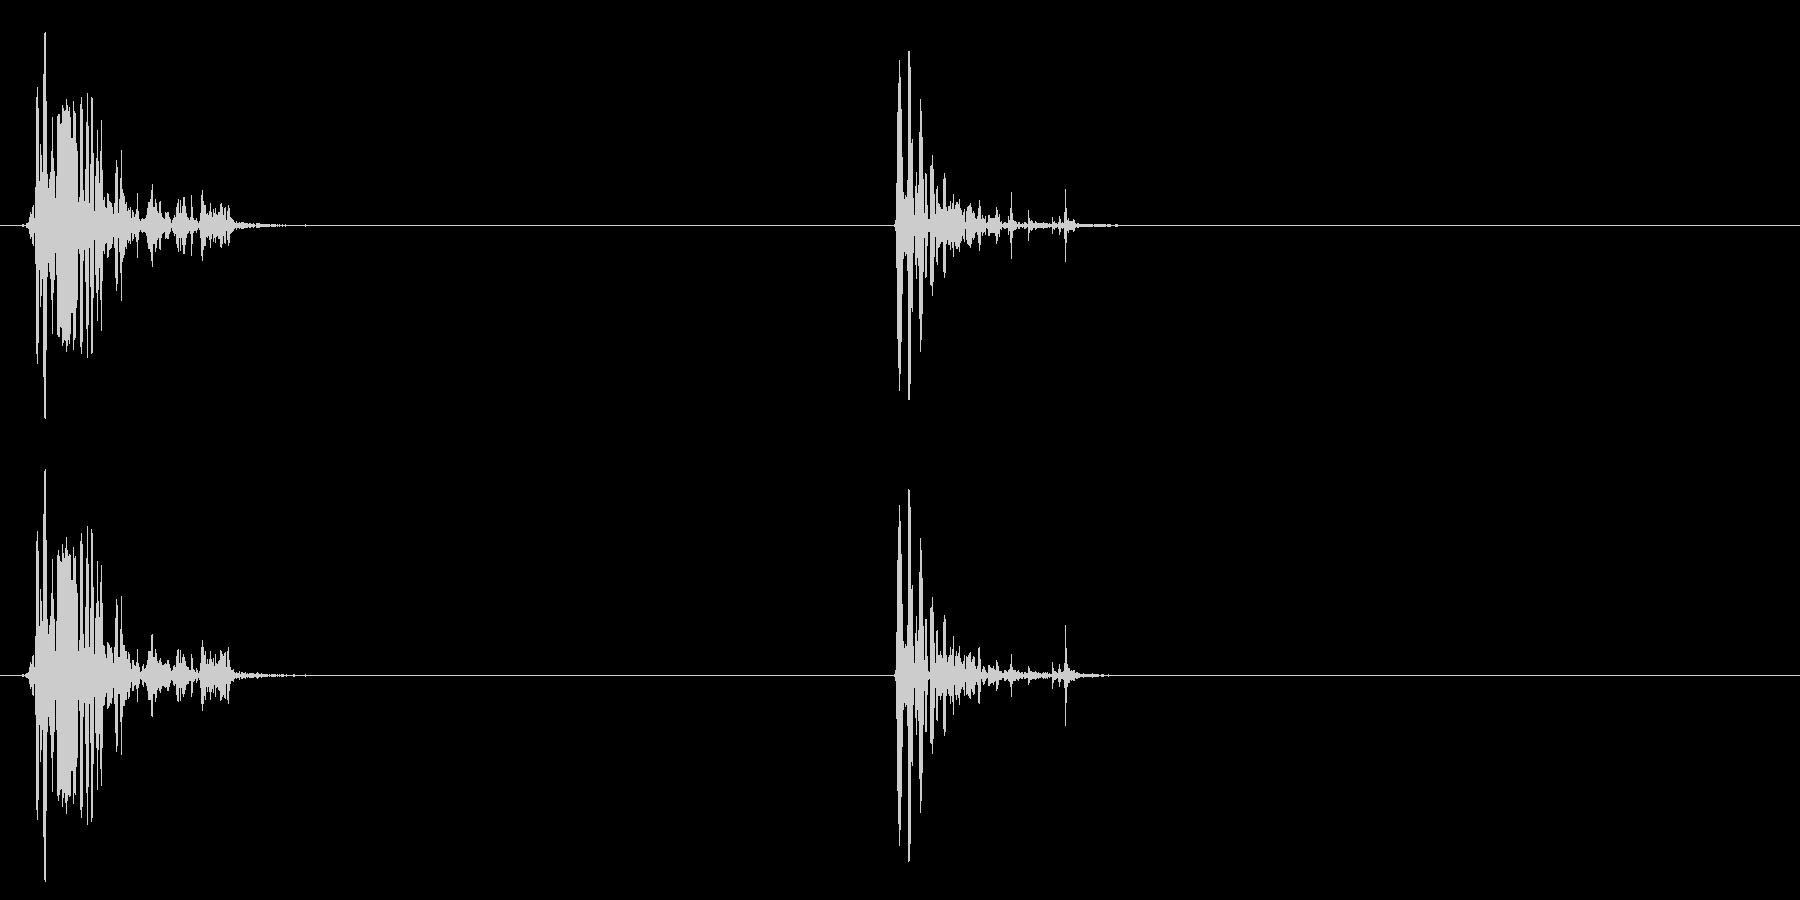 [生録音]ゴクゴク飲み込む音04(2回)の未再生の波形